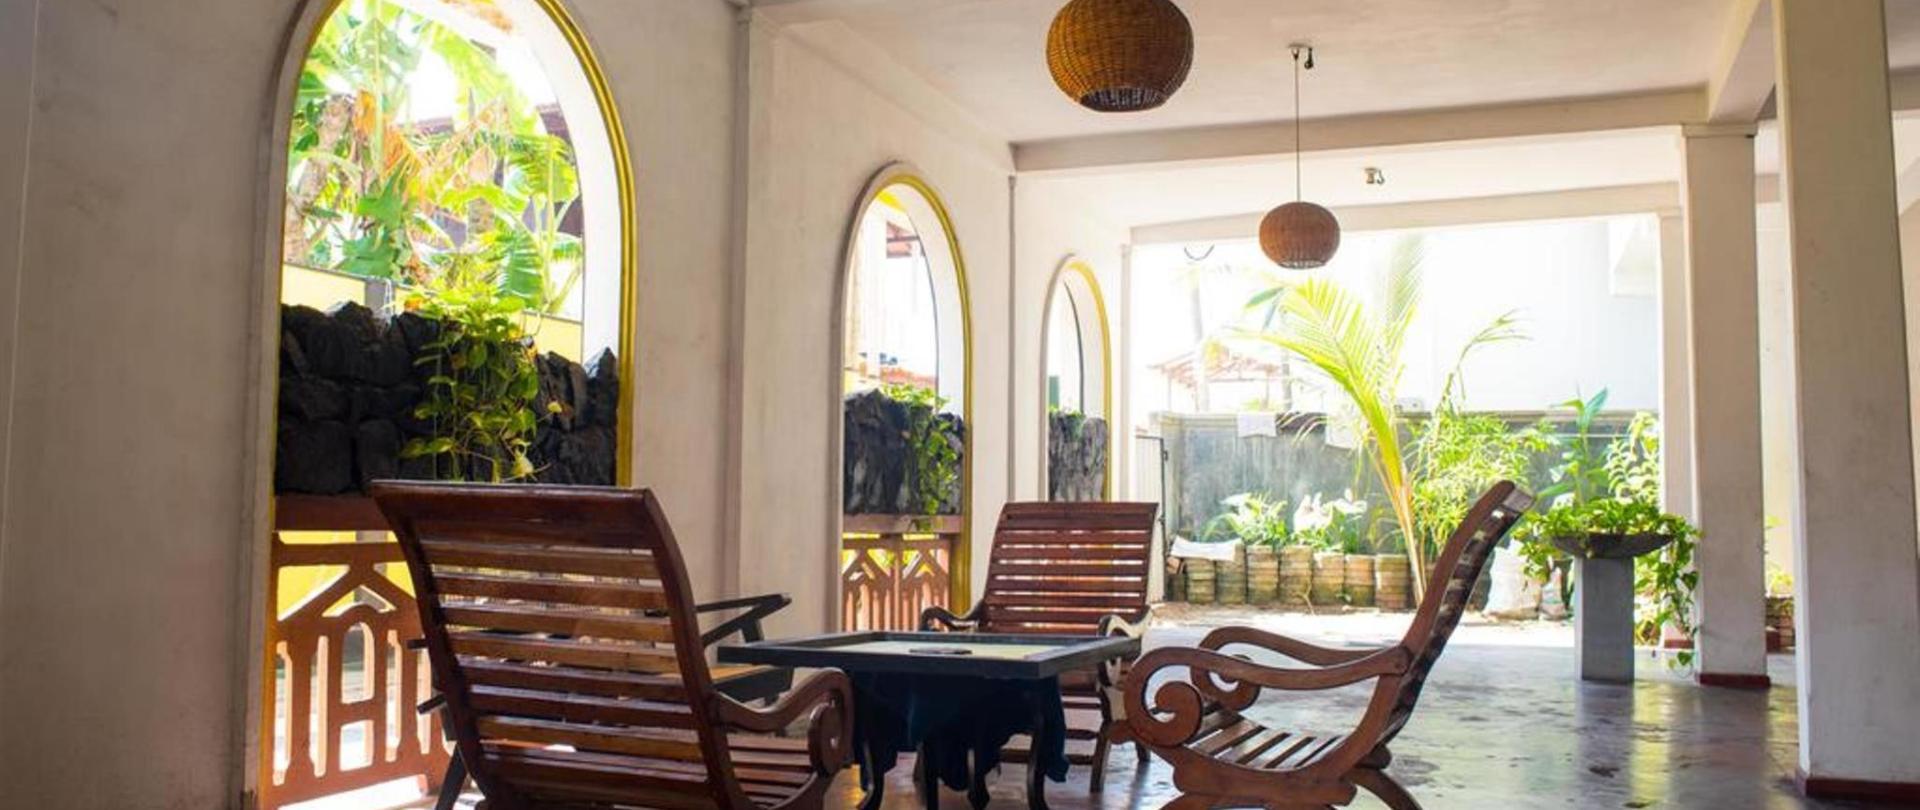 Εστιατόριο Casalanka Hikkaduwa.jpg